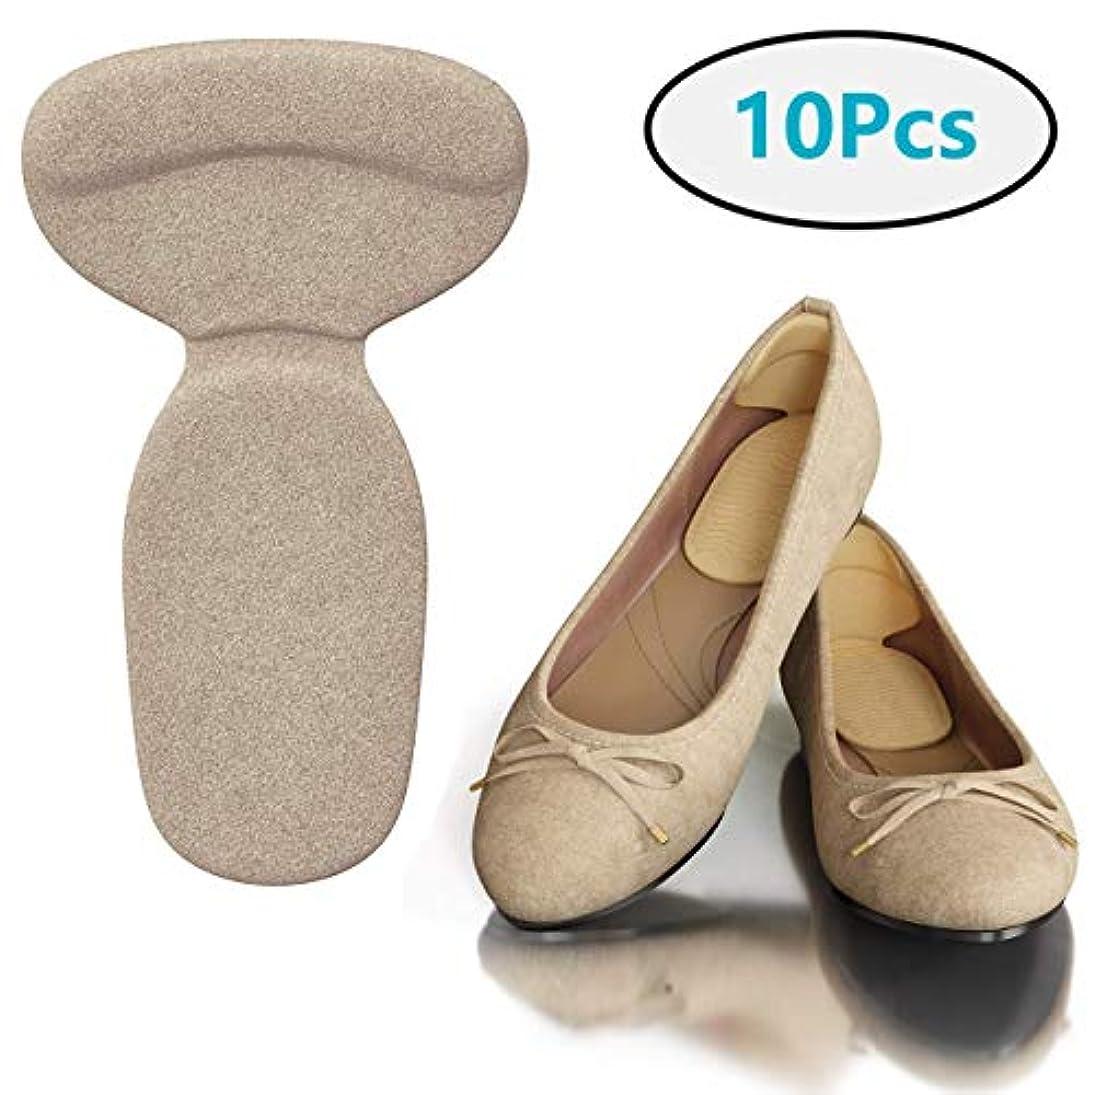 増強国籍スピン大きすぎる靴のヒールグリップ-10靴インサートパッド-足の痛みの軽減、足底筋膜炎、骨の痛み、アキレスの痛みのためのジェルヒールカップ